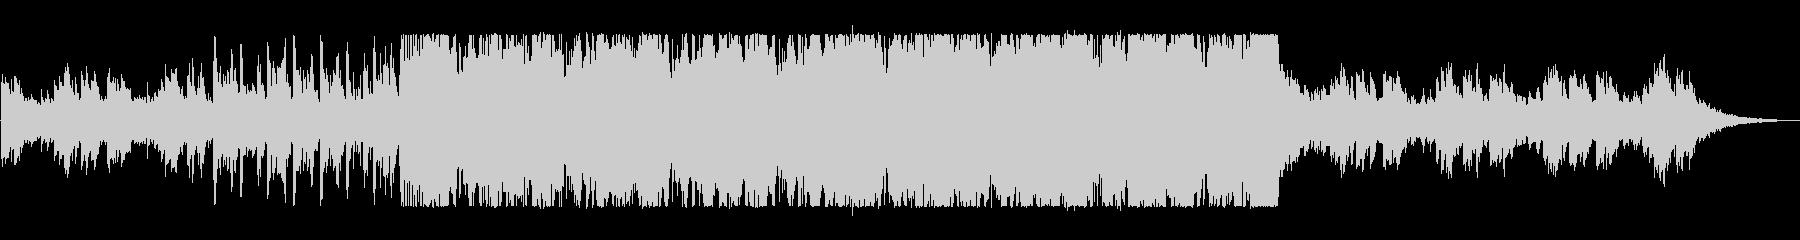 疾走感あふれるピアノドラムンベースの未再生の波形